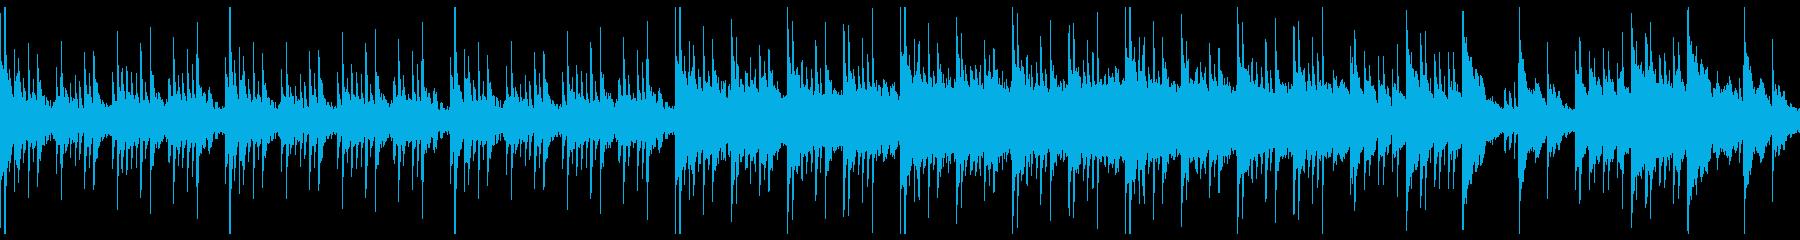 不穏なシーン向けの静かなピアノ曲の再生済みの波形